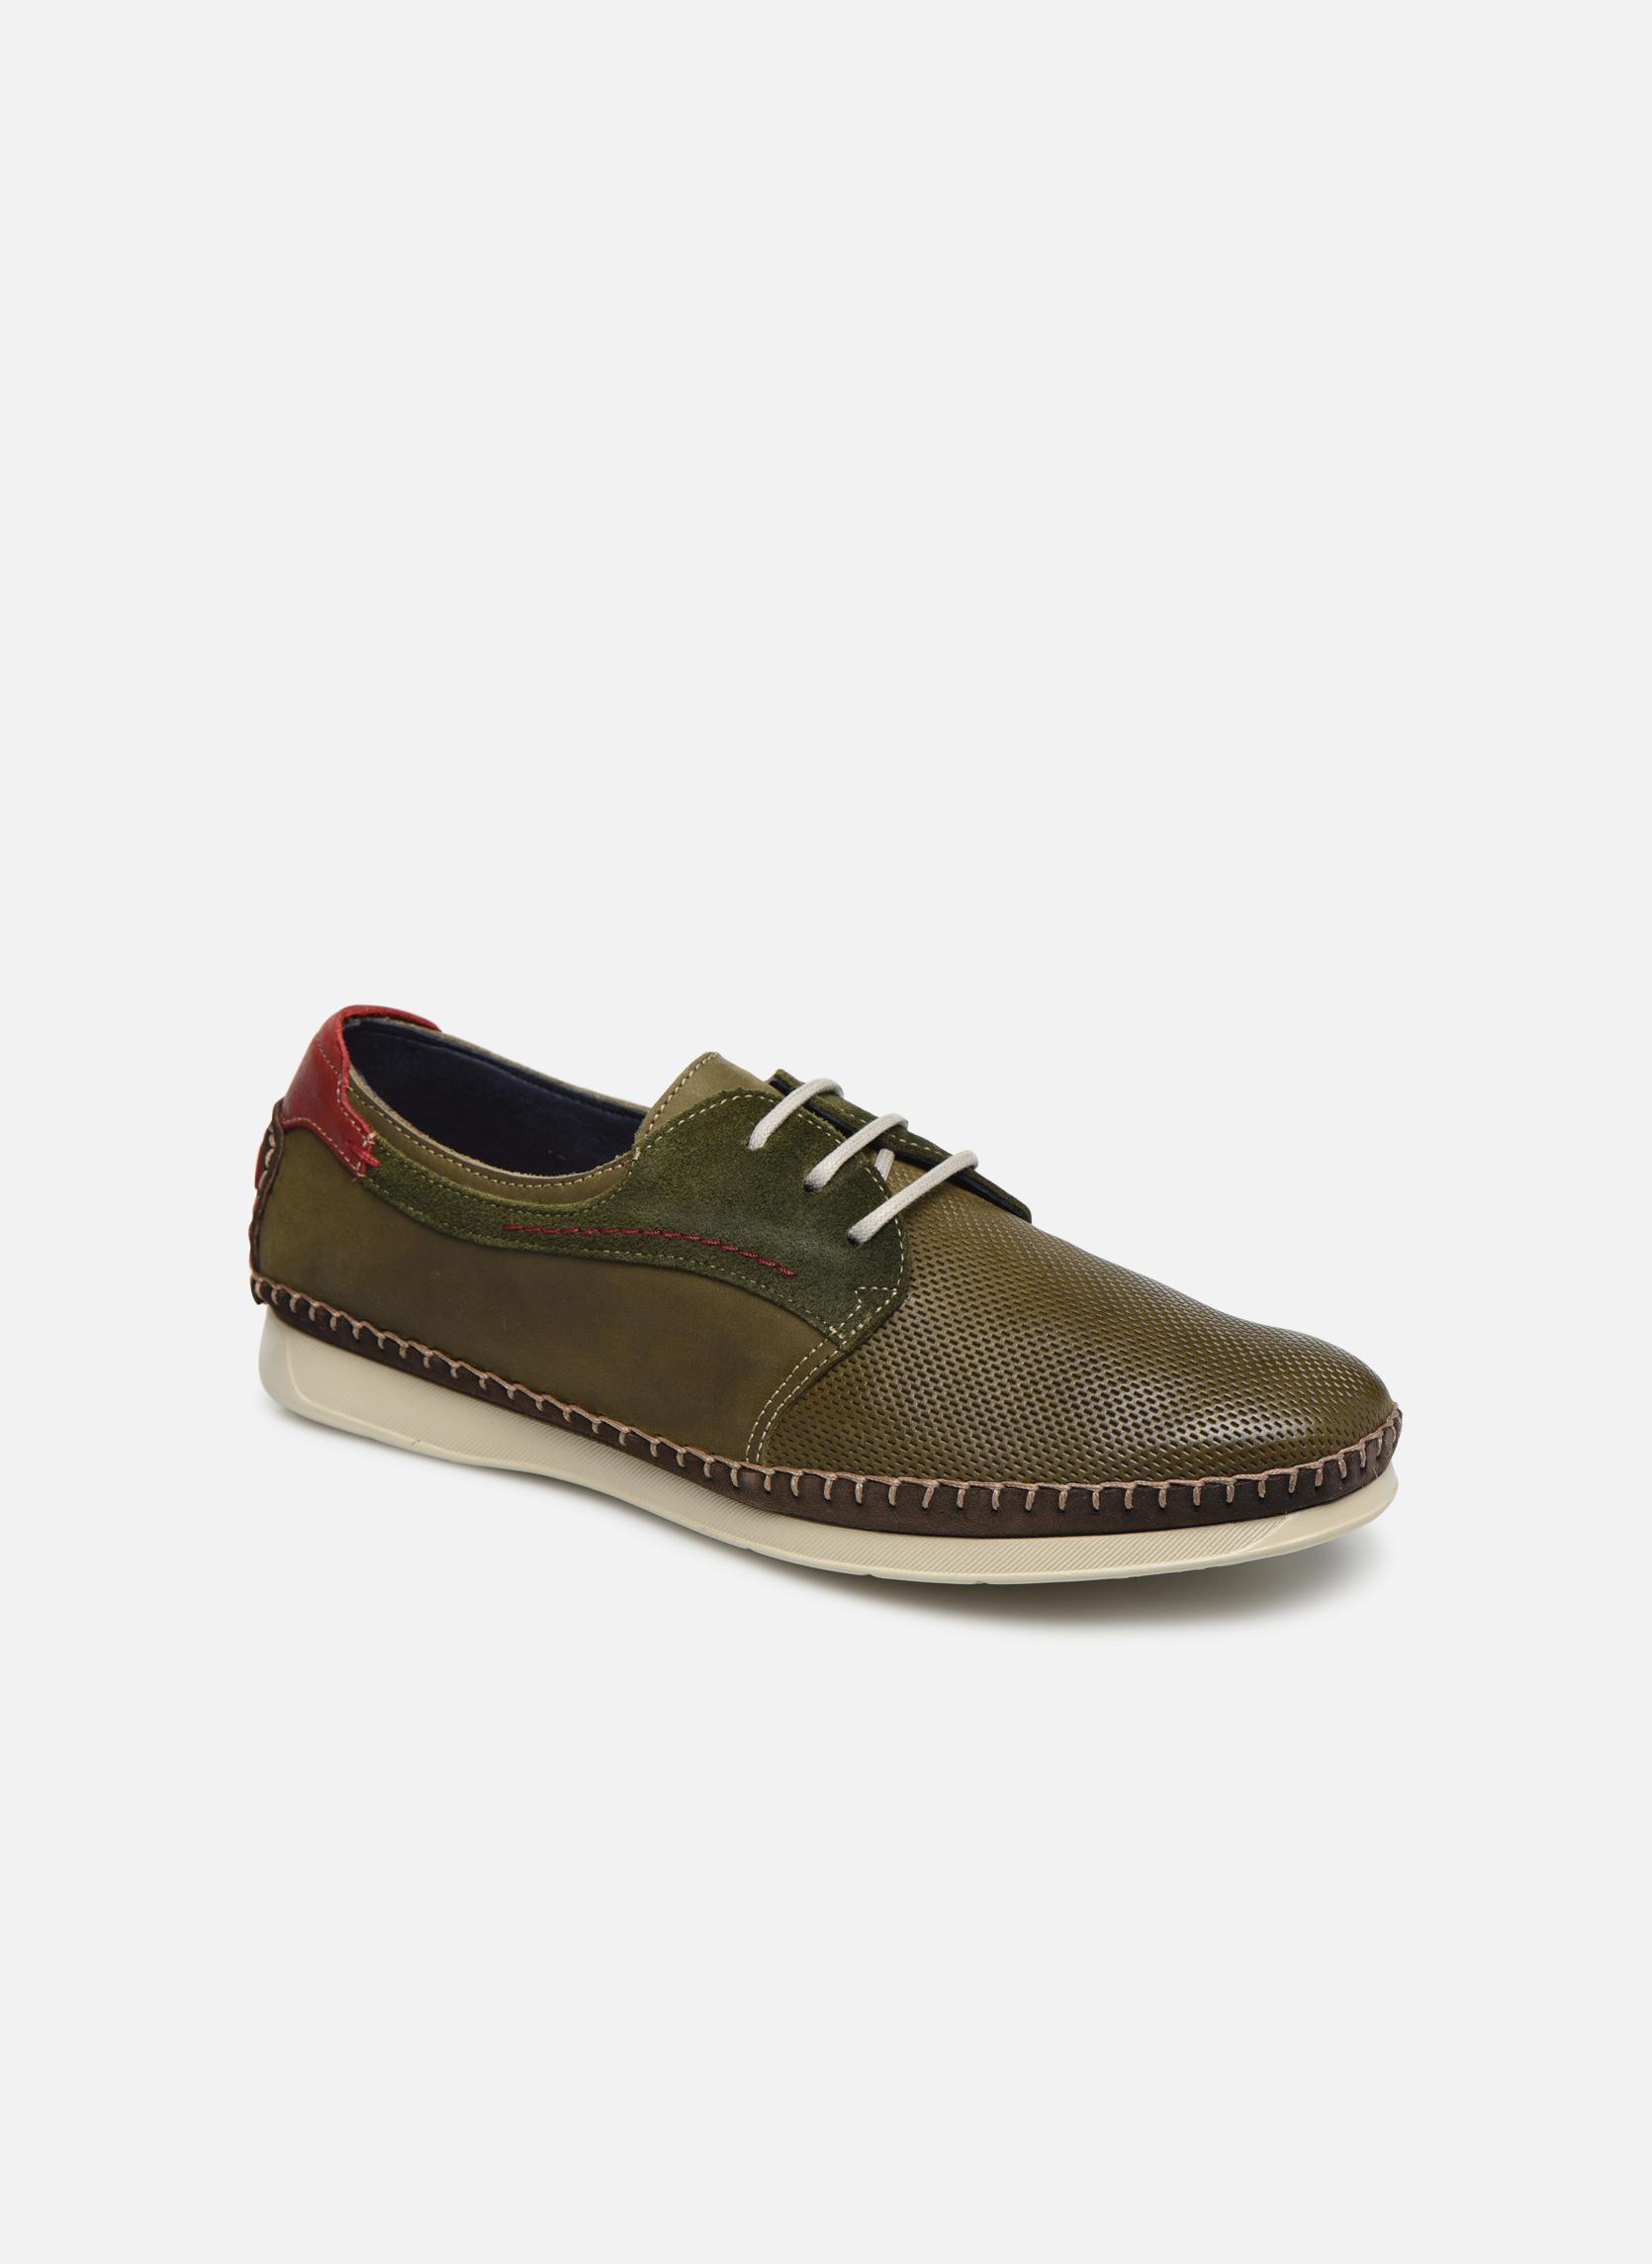 Sneakers Komodo F0199 by Fluchos